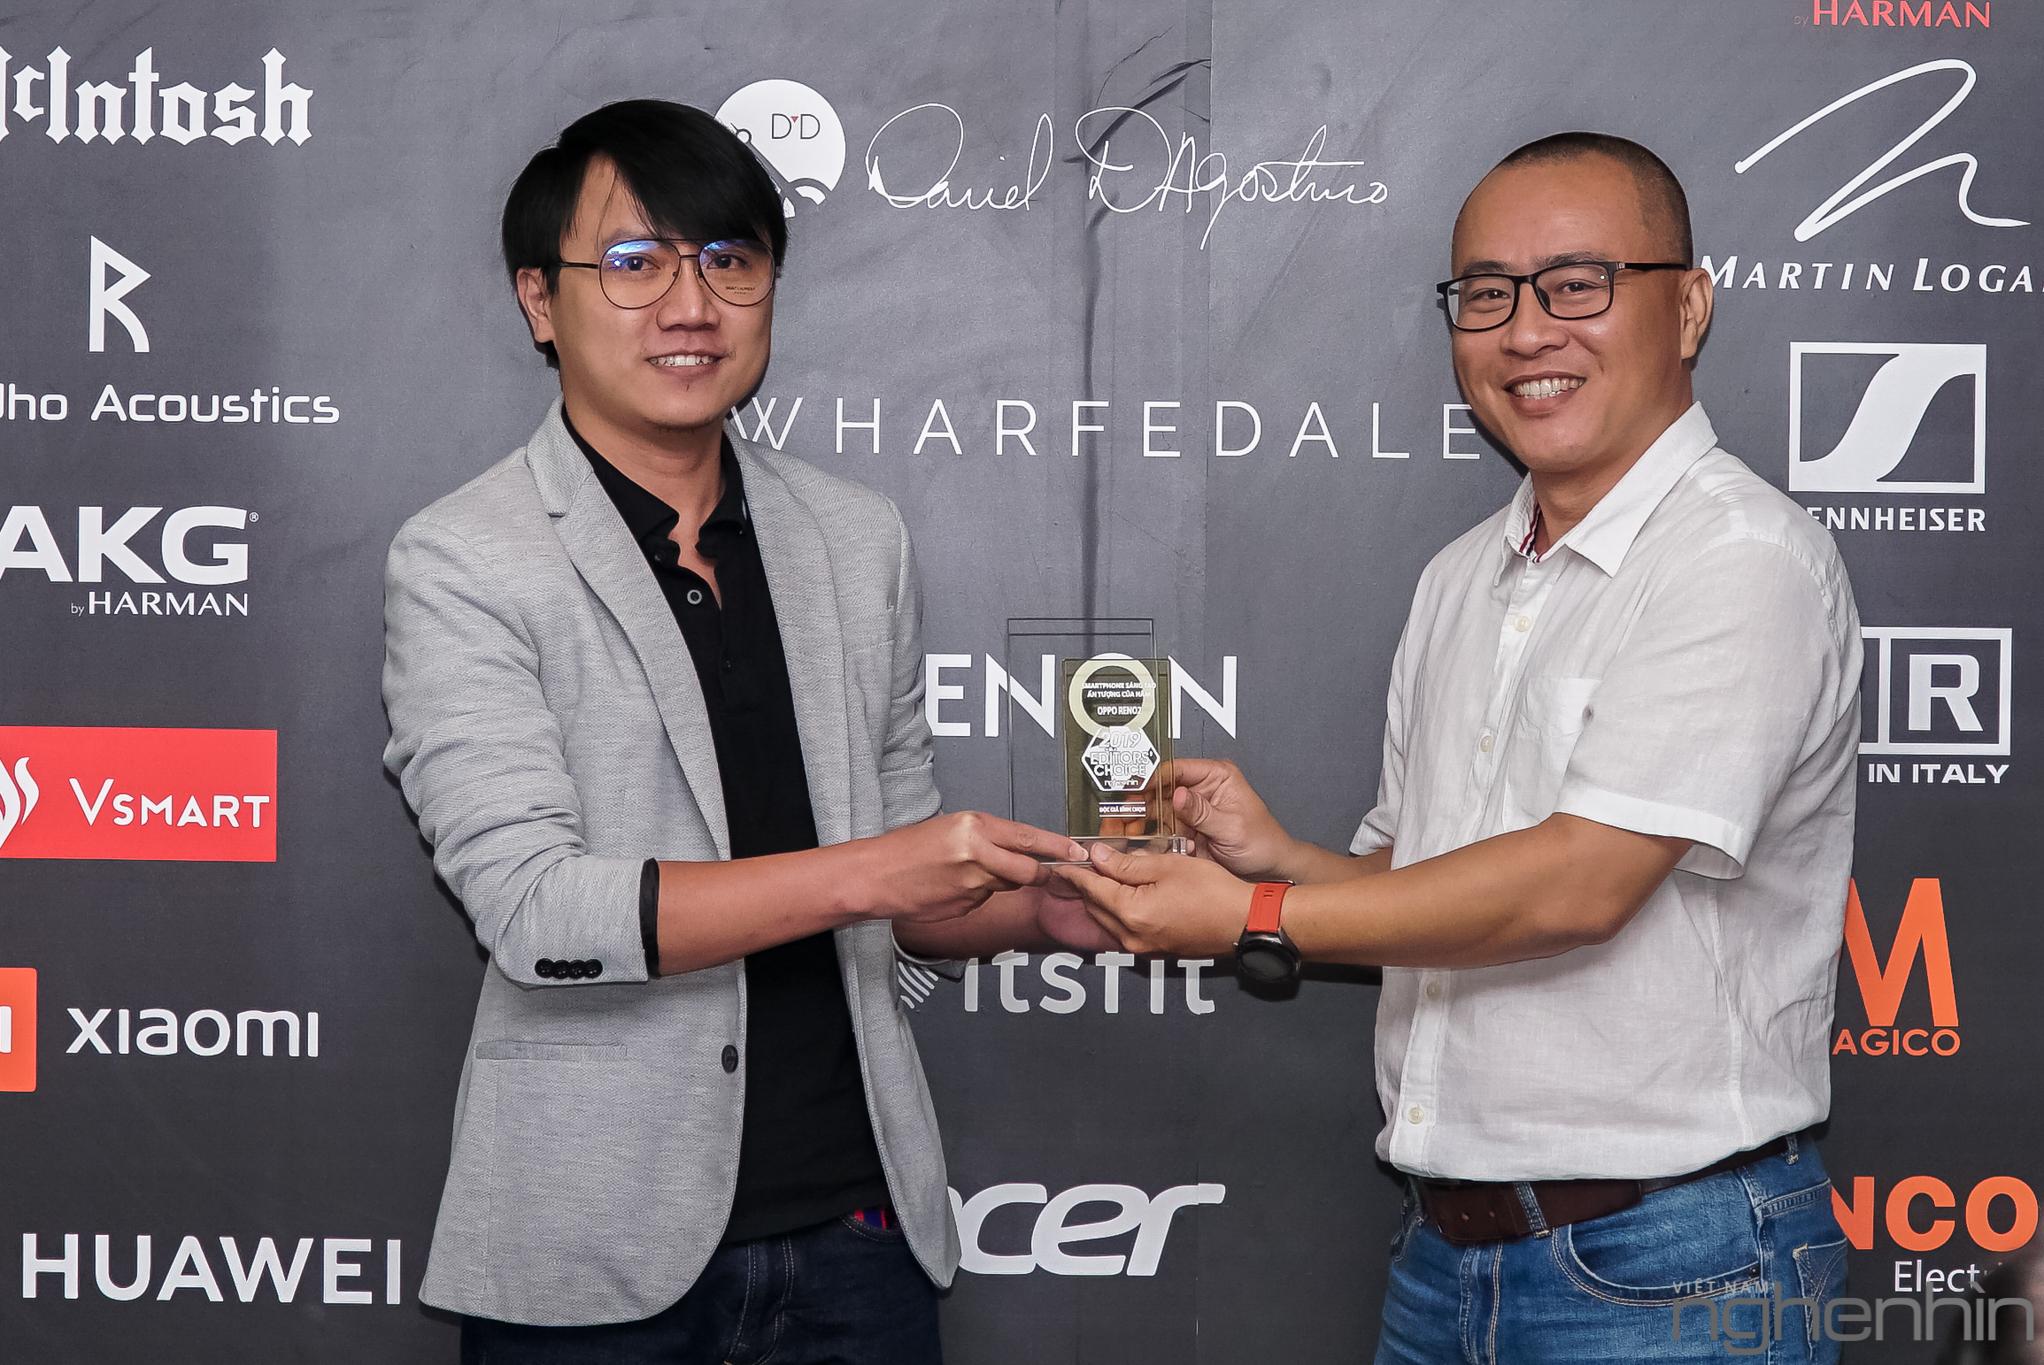 Các sản phẩm công nghệ nổi bật được vinh danh tại Editors' Choice Awards 2019. (Ảnh: Tạp chí Nghe Nhìn Việt Nam)